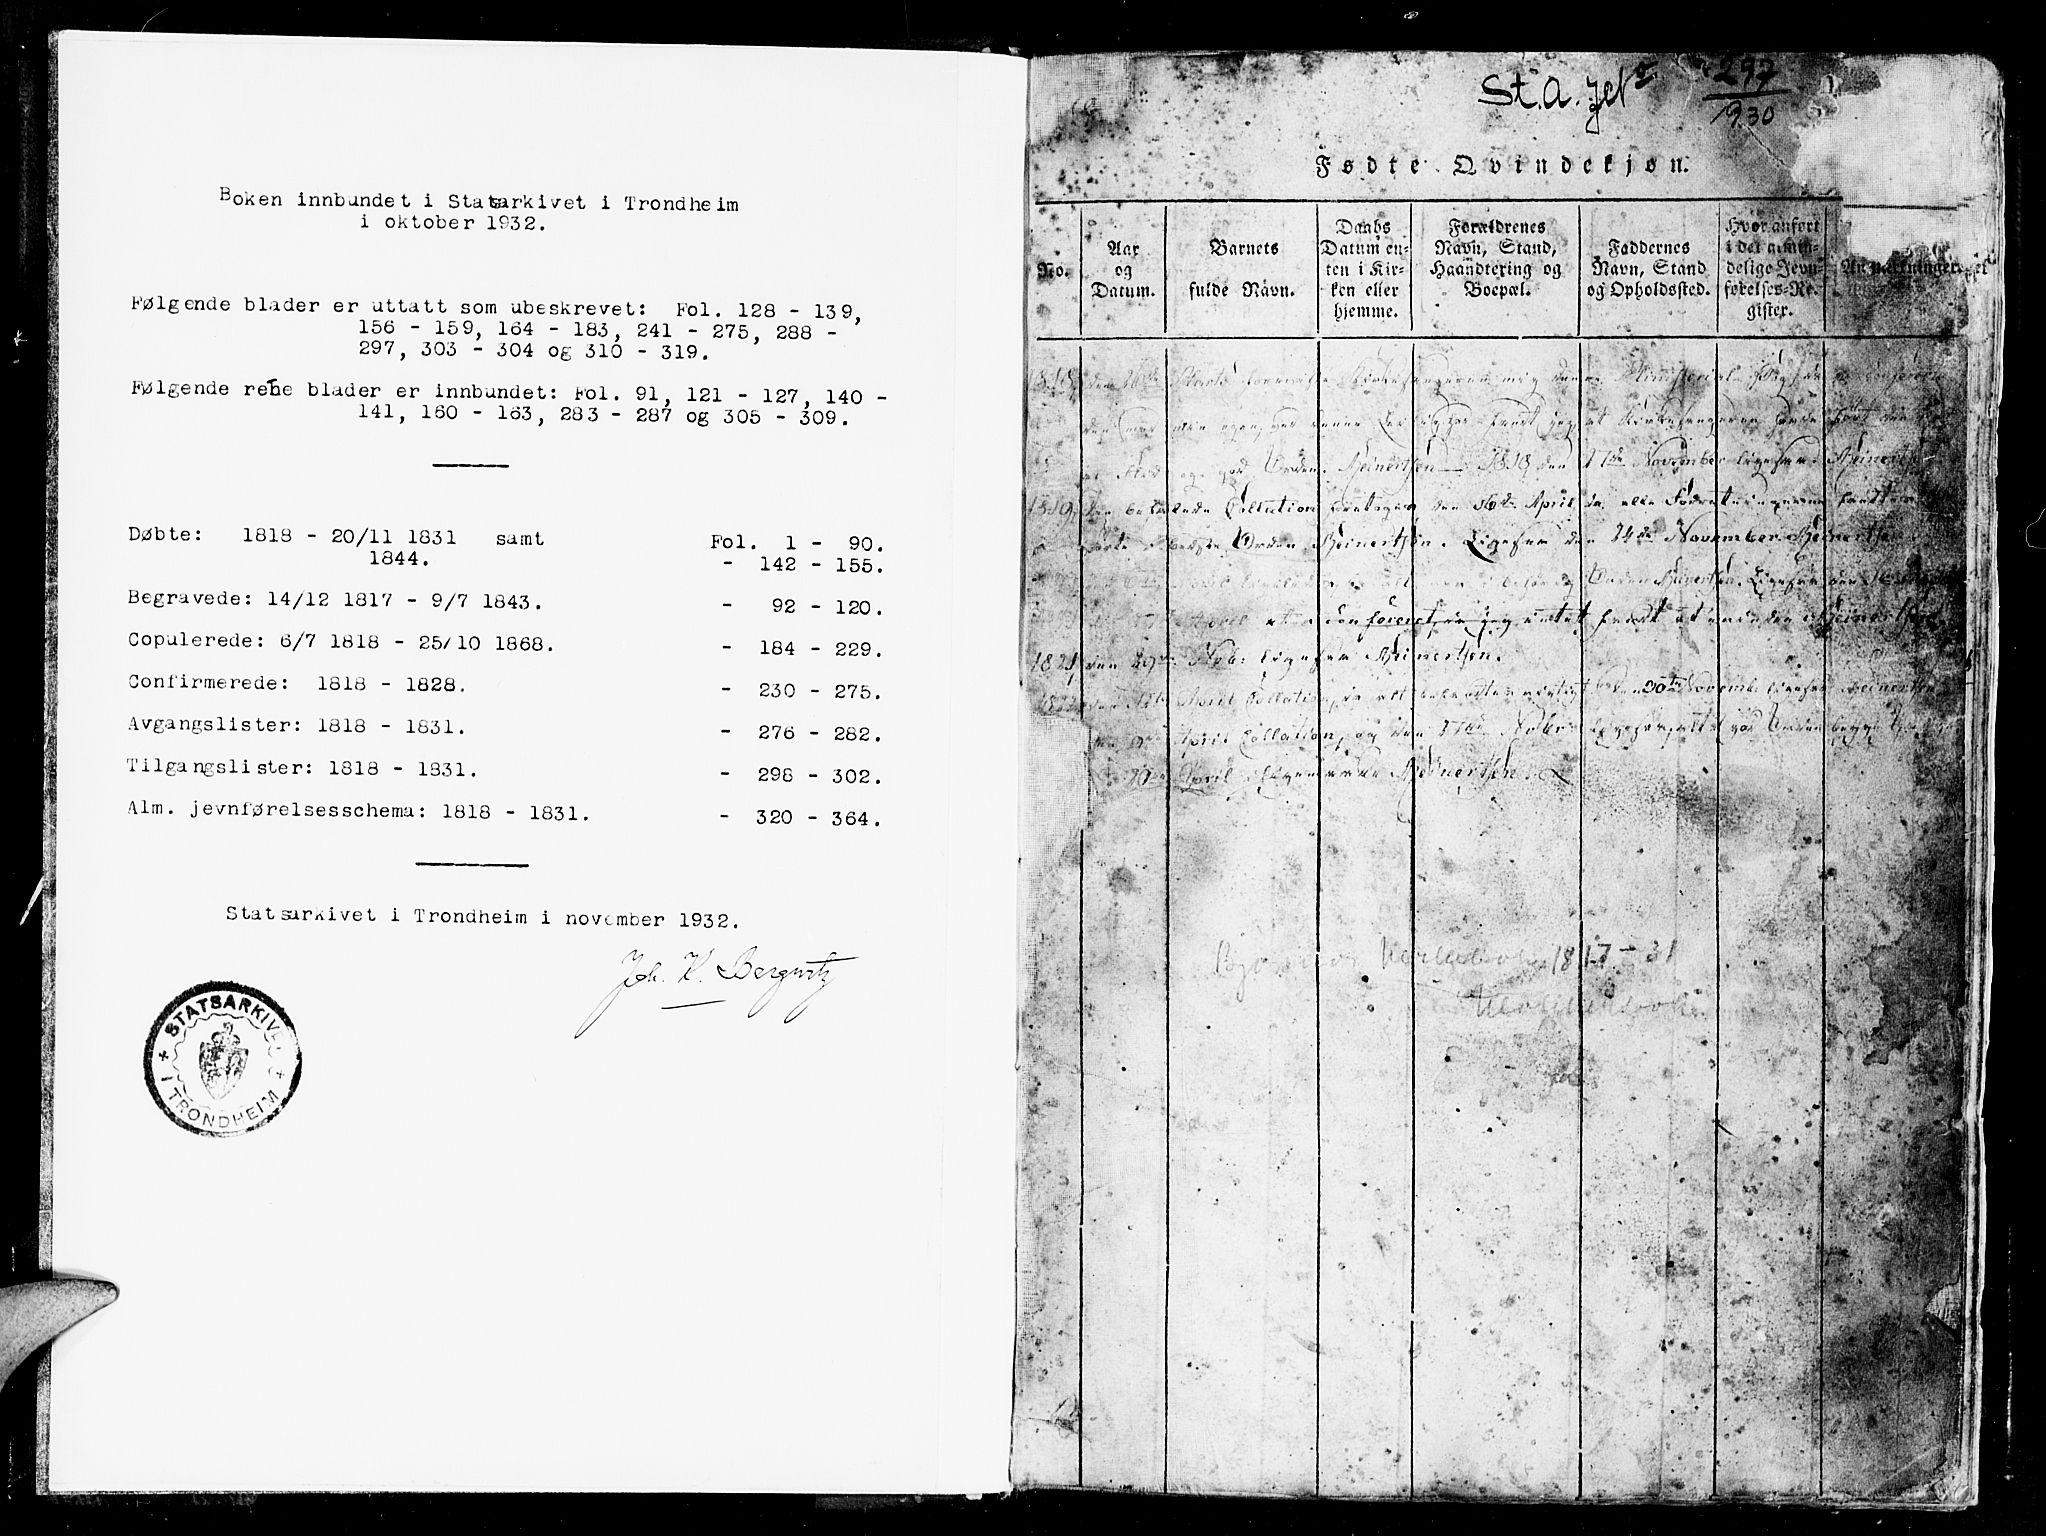 SAT, Ministerialprotokoller, klokkerbøker og fødselsregistre - Sør-Trøndelag, 657/L0714: Klokkerbok nr. 657C01, 1818-1868